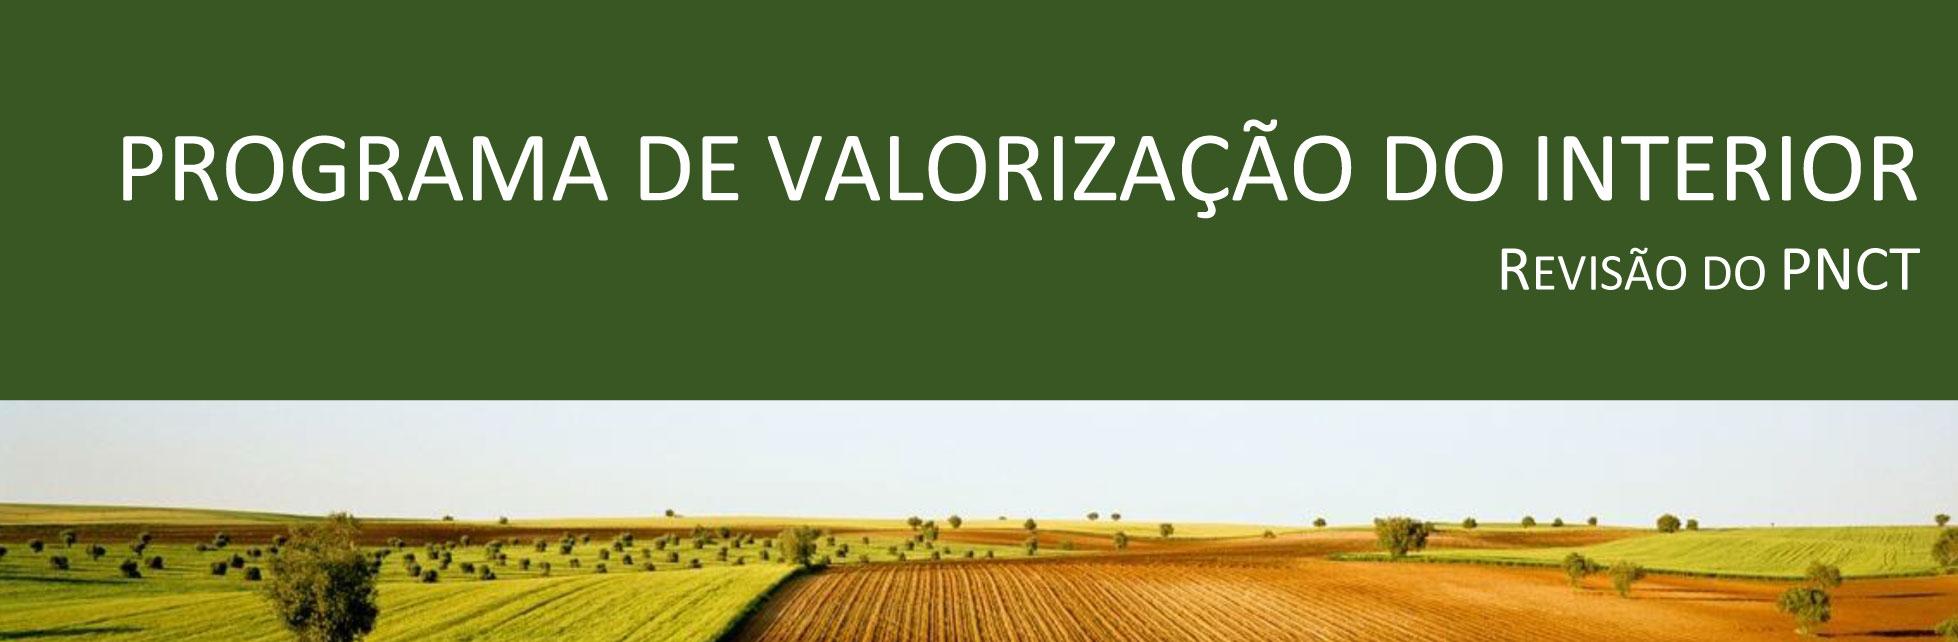 Programa de Valorização do Interior